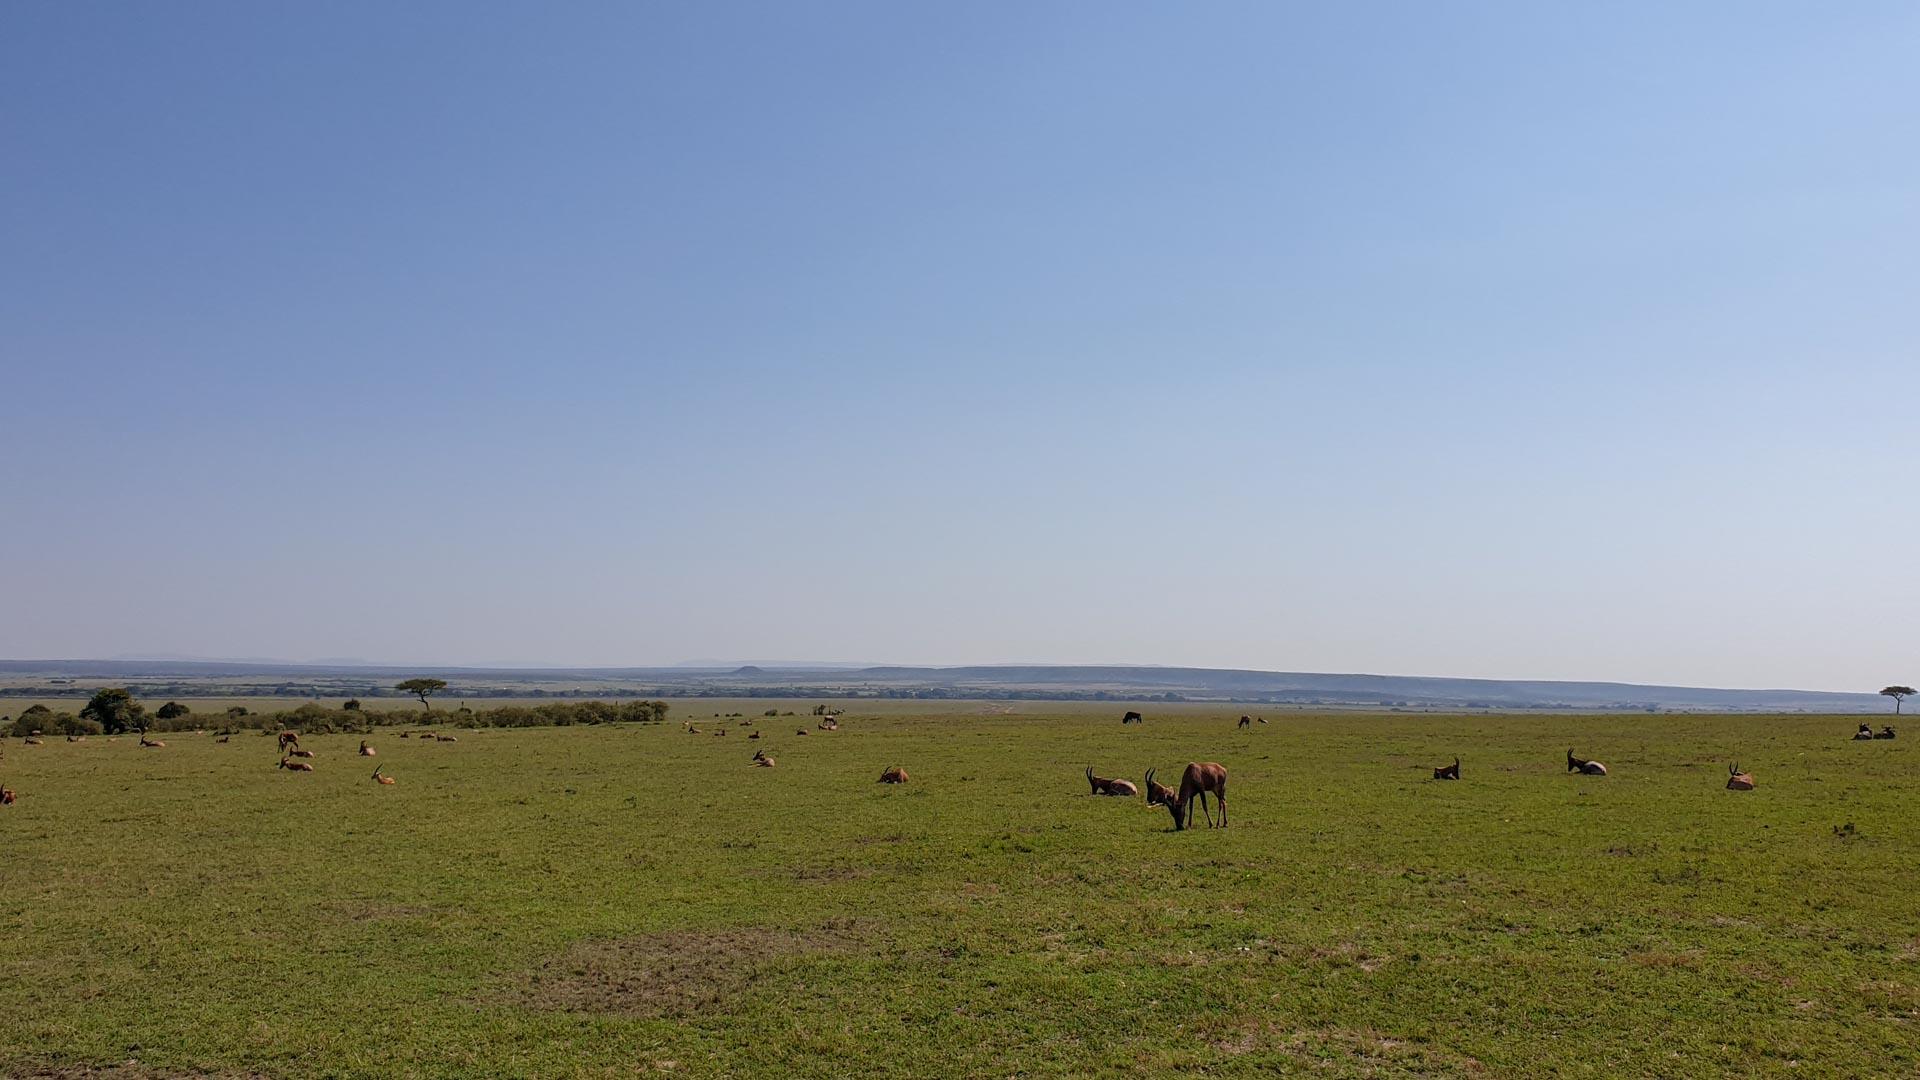 Gacelas e impalas en Masai Mara, Kenia